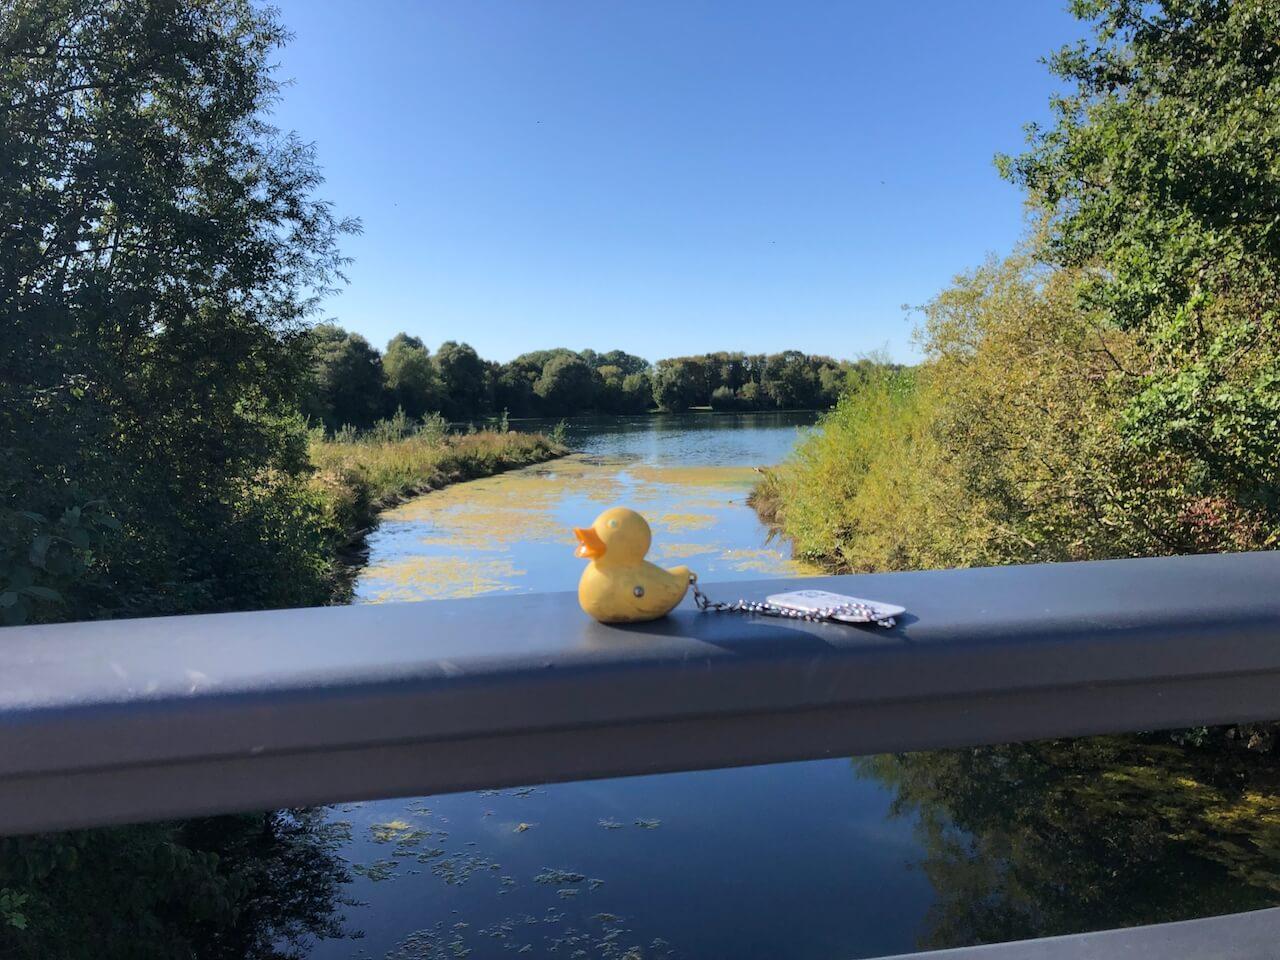 *Werbung* Paderborn: Entlang der Pader von der Quelle bis zum Ende